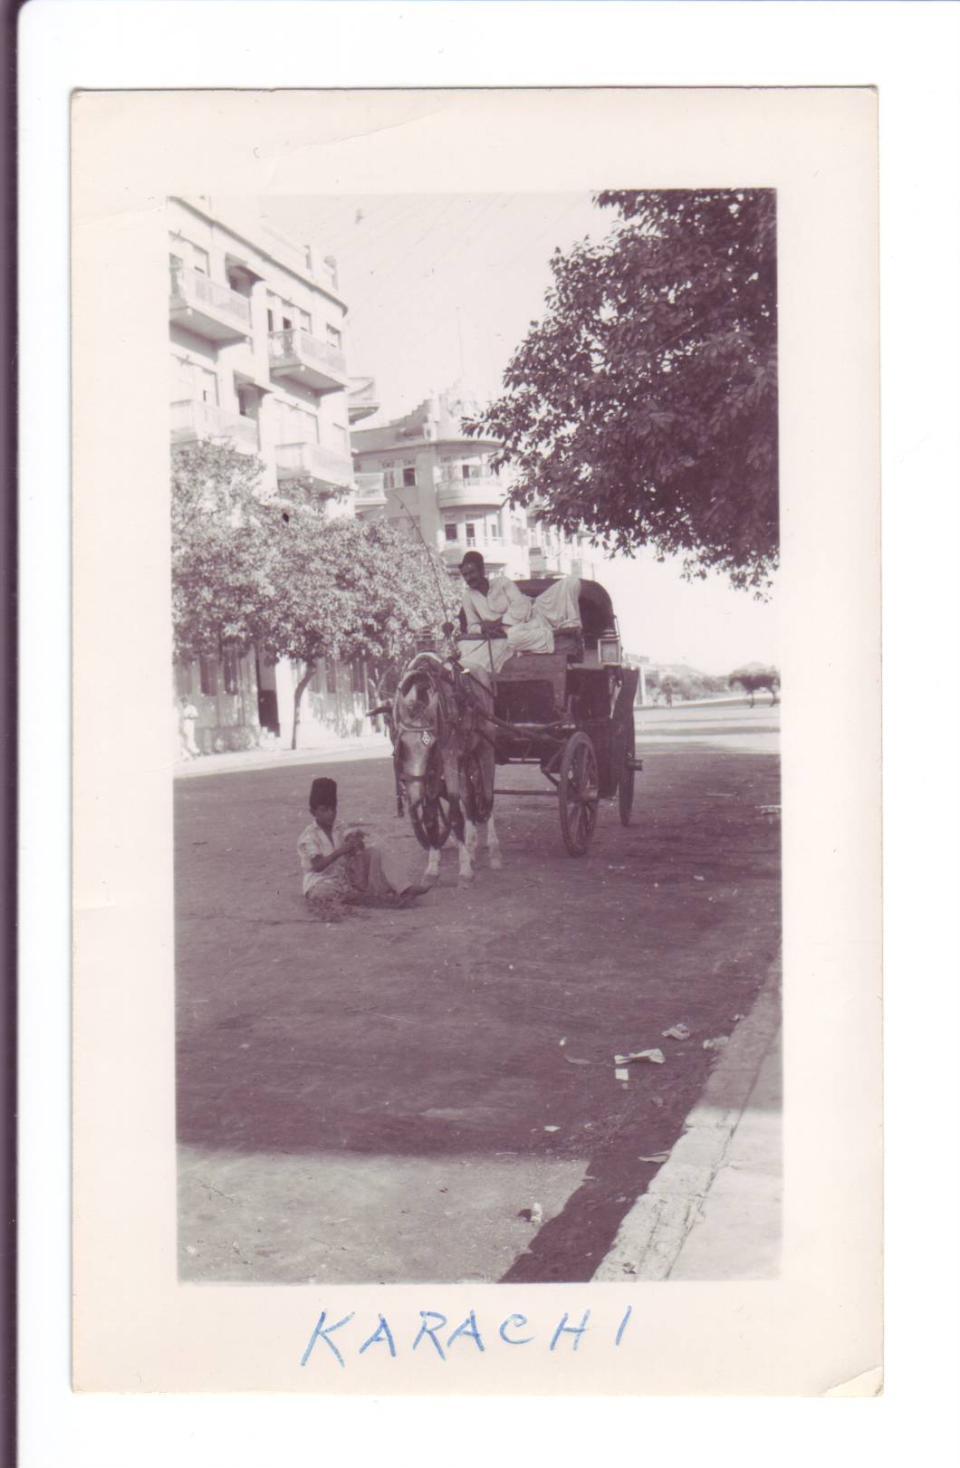 Photo #10 Taken at Karachi the Capitol City of Sindhi